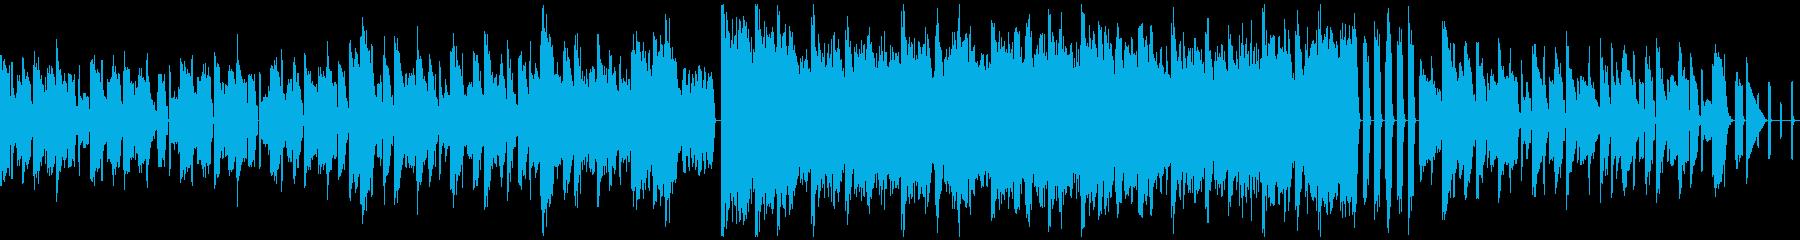 ローファイ質感ハイスピードテクノの再生済みの波形